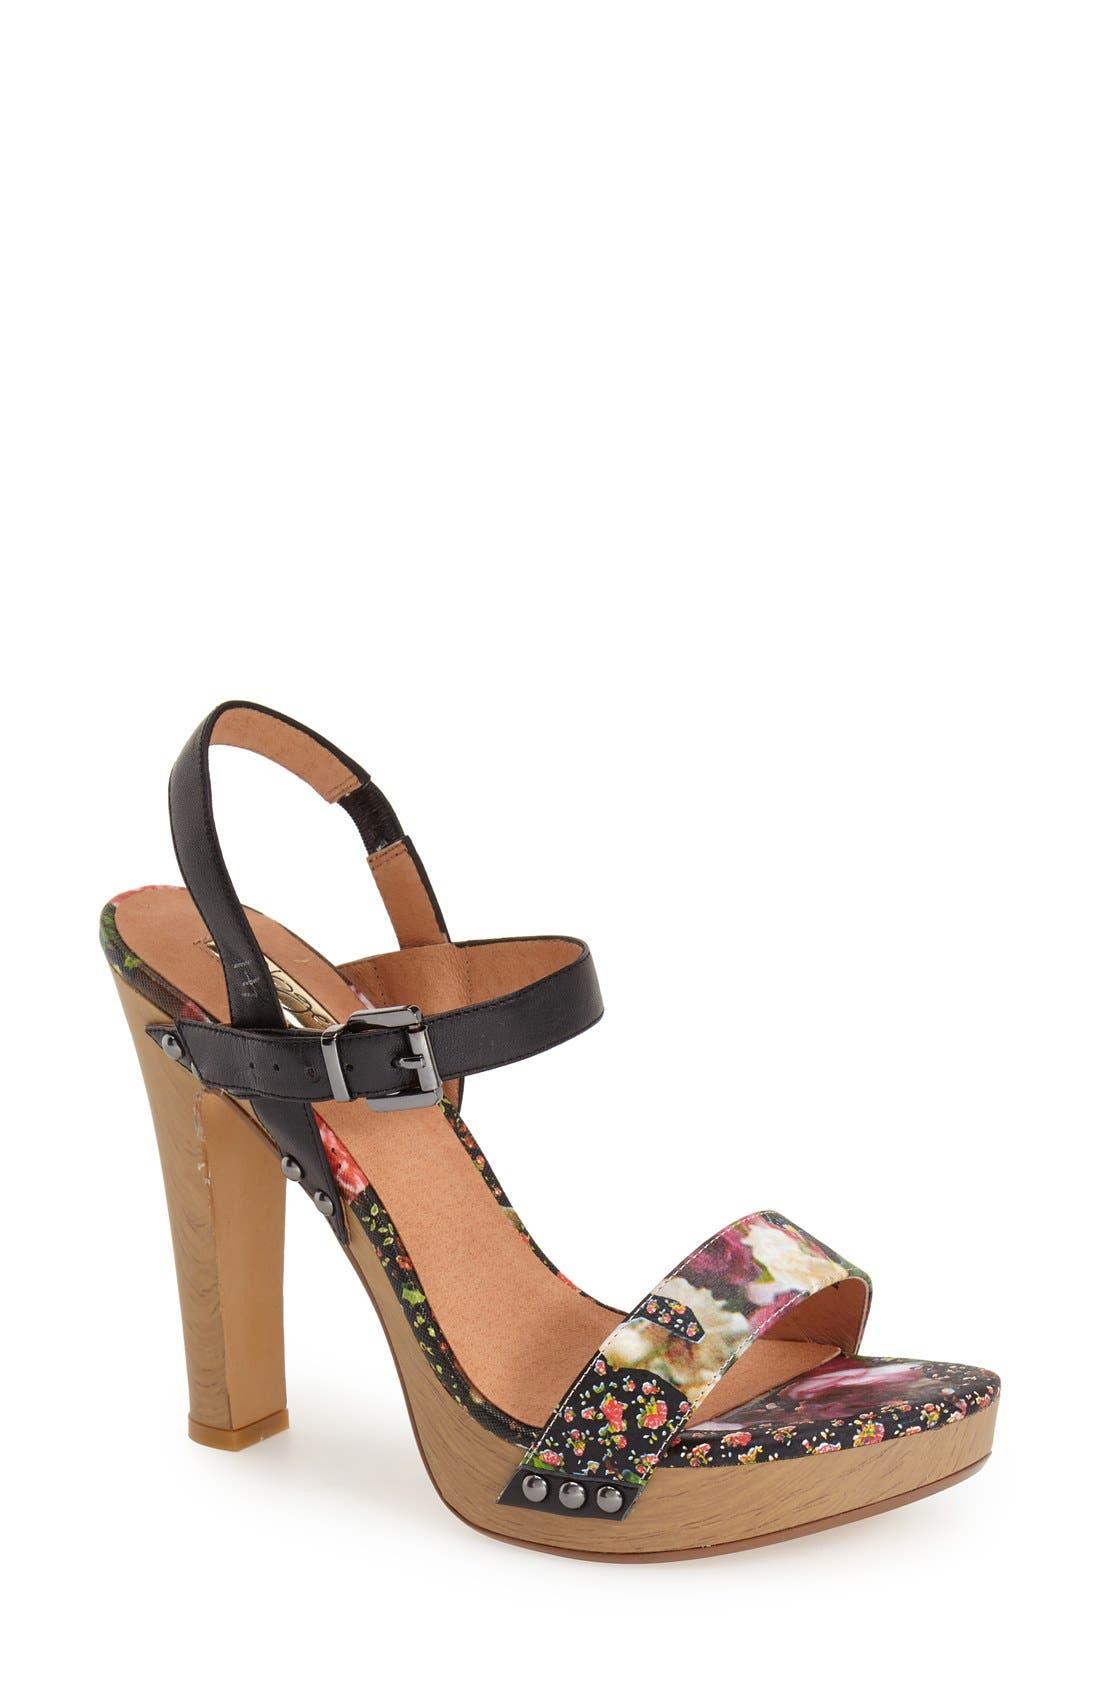 Alternate Image 1 Selected - Halogen® 'Viv' Platform Sandal (Women)